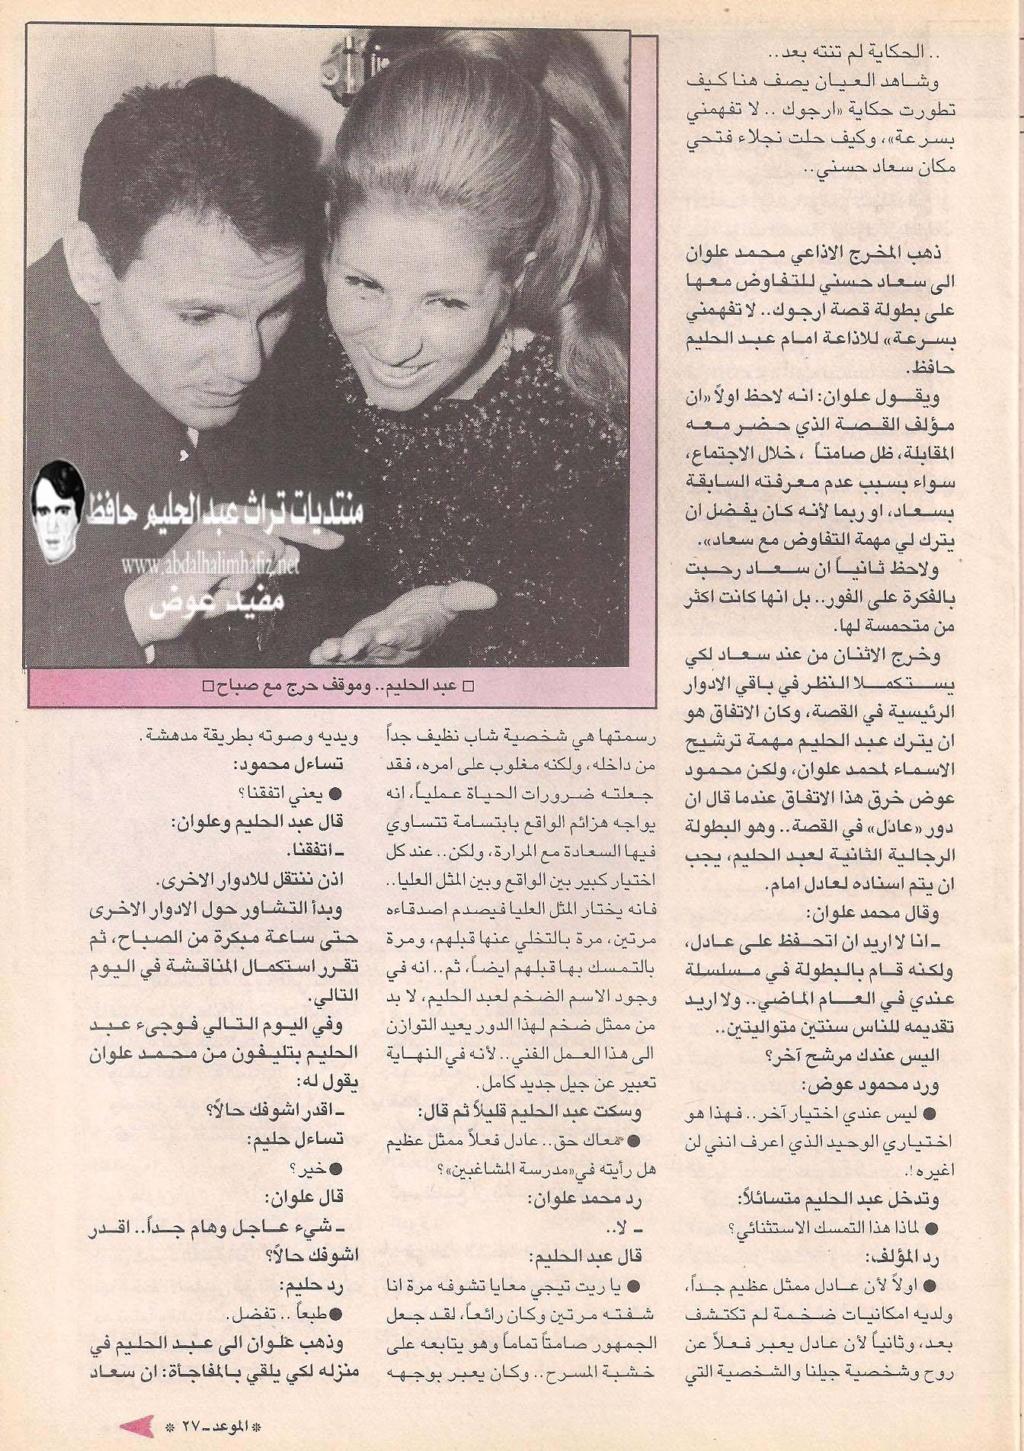 مقال - مقال صحفي : عبدالحليم حافظ .. بين سعاد حسني وصباح .. يختار نجلاء فتحي 1973 م 2244